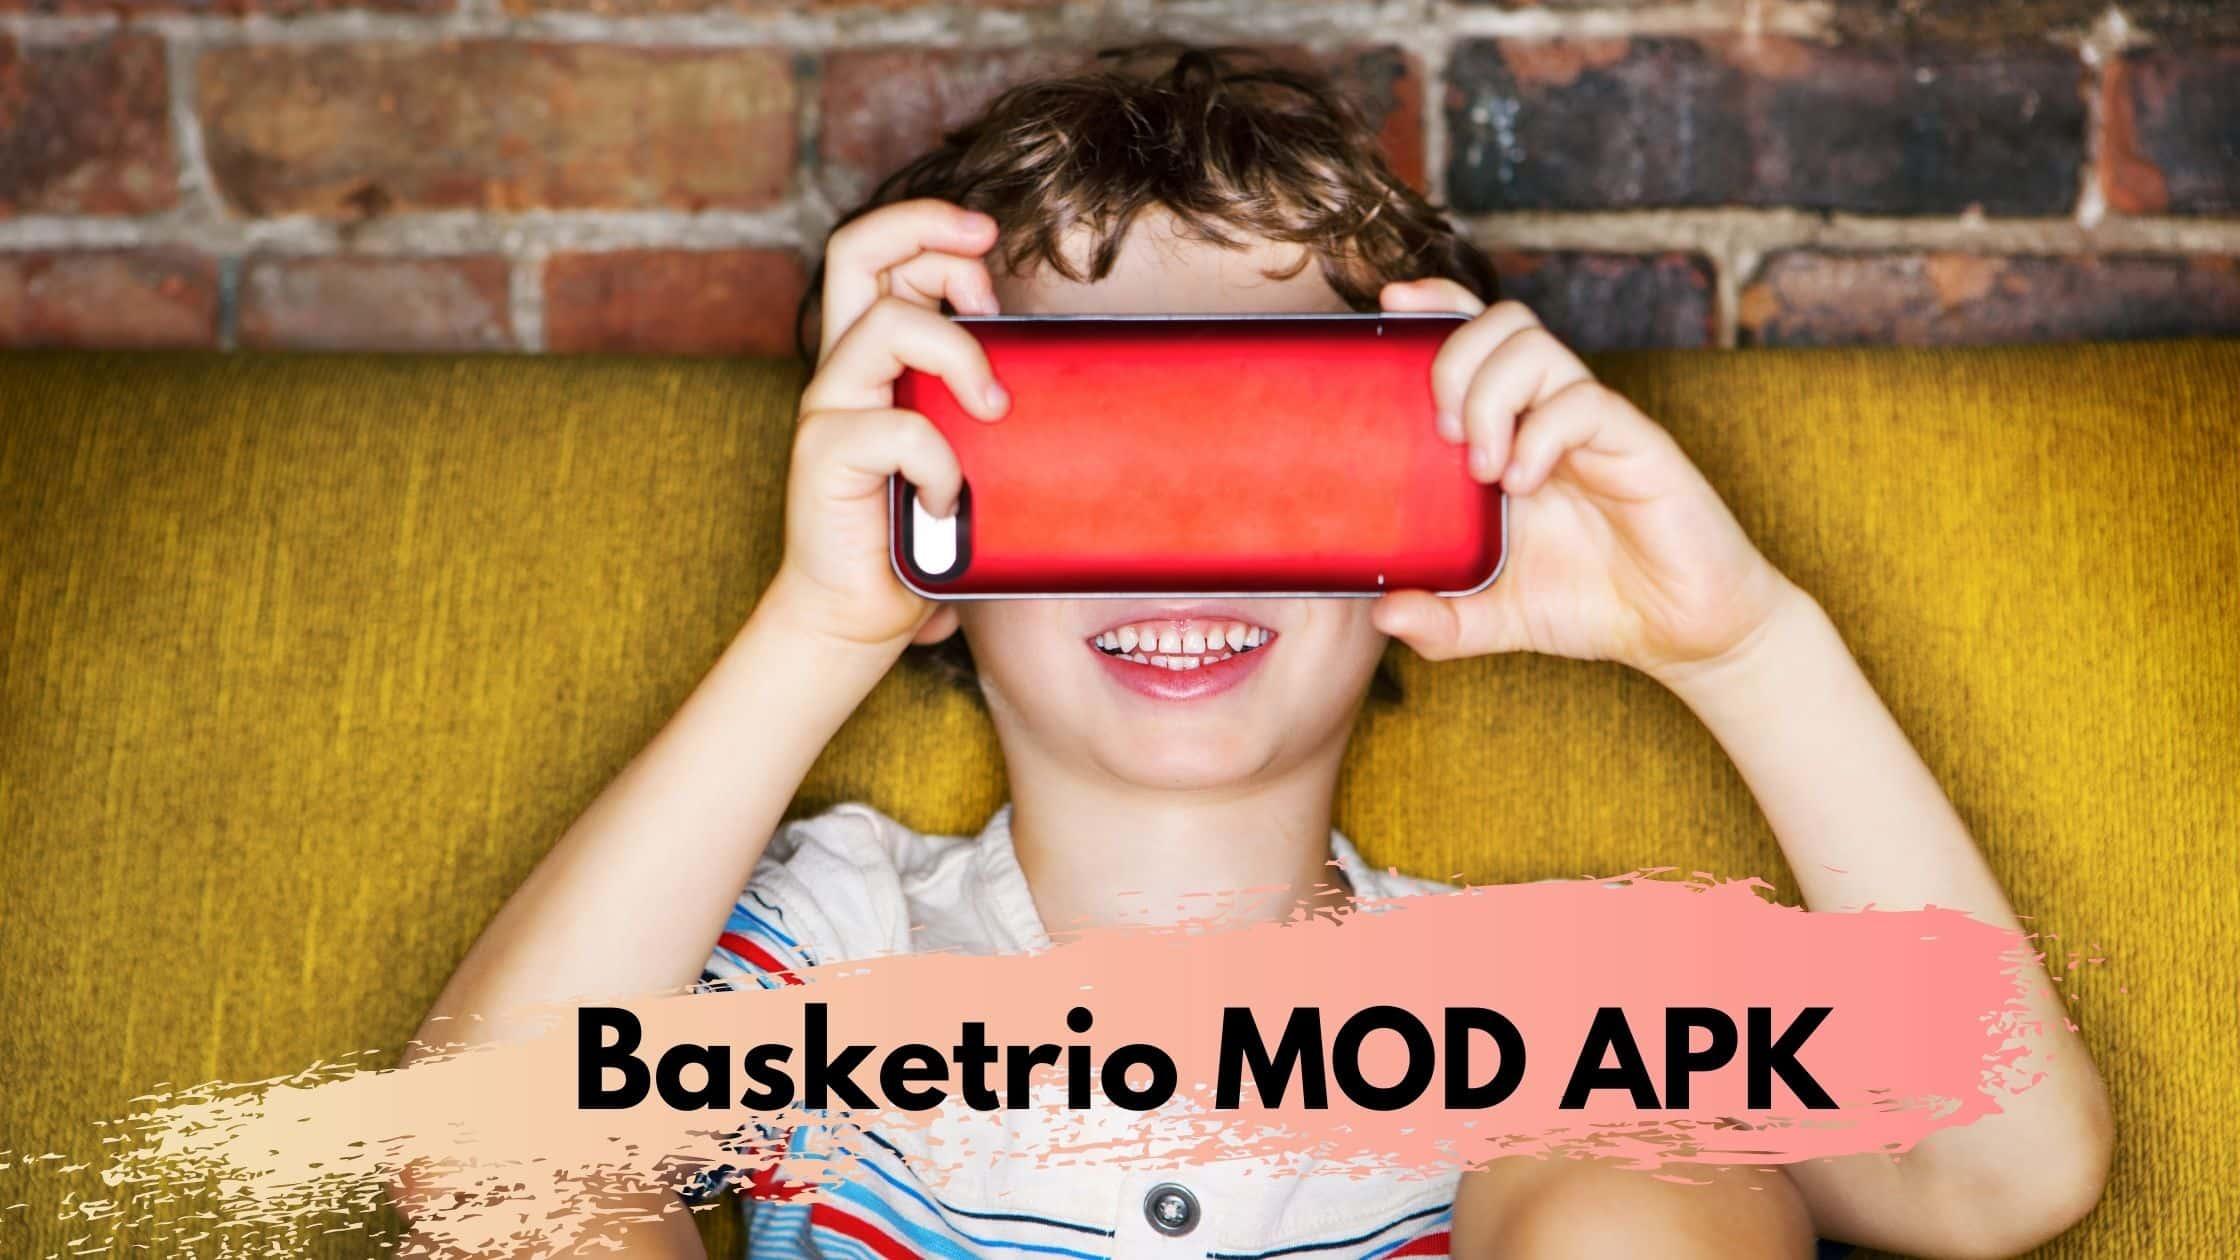 Basketrio MOD APK